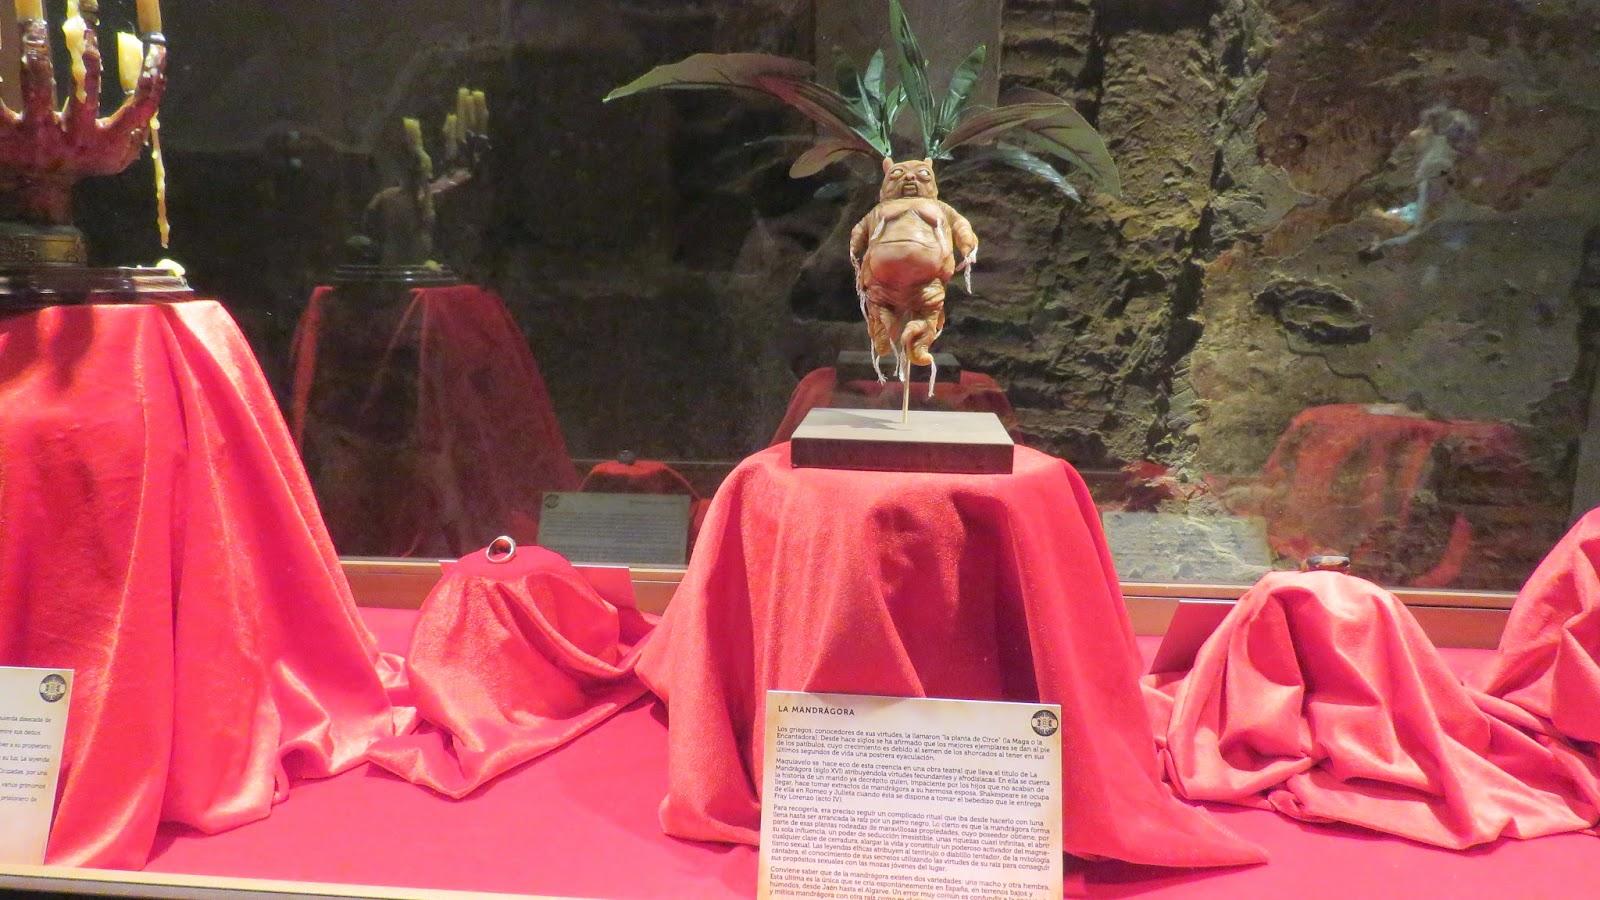 Visitando el museo de la espa a m gica de toledo for Cuarto milenio horario